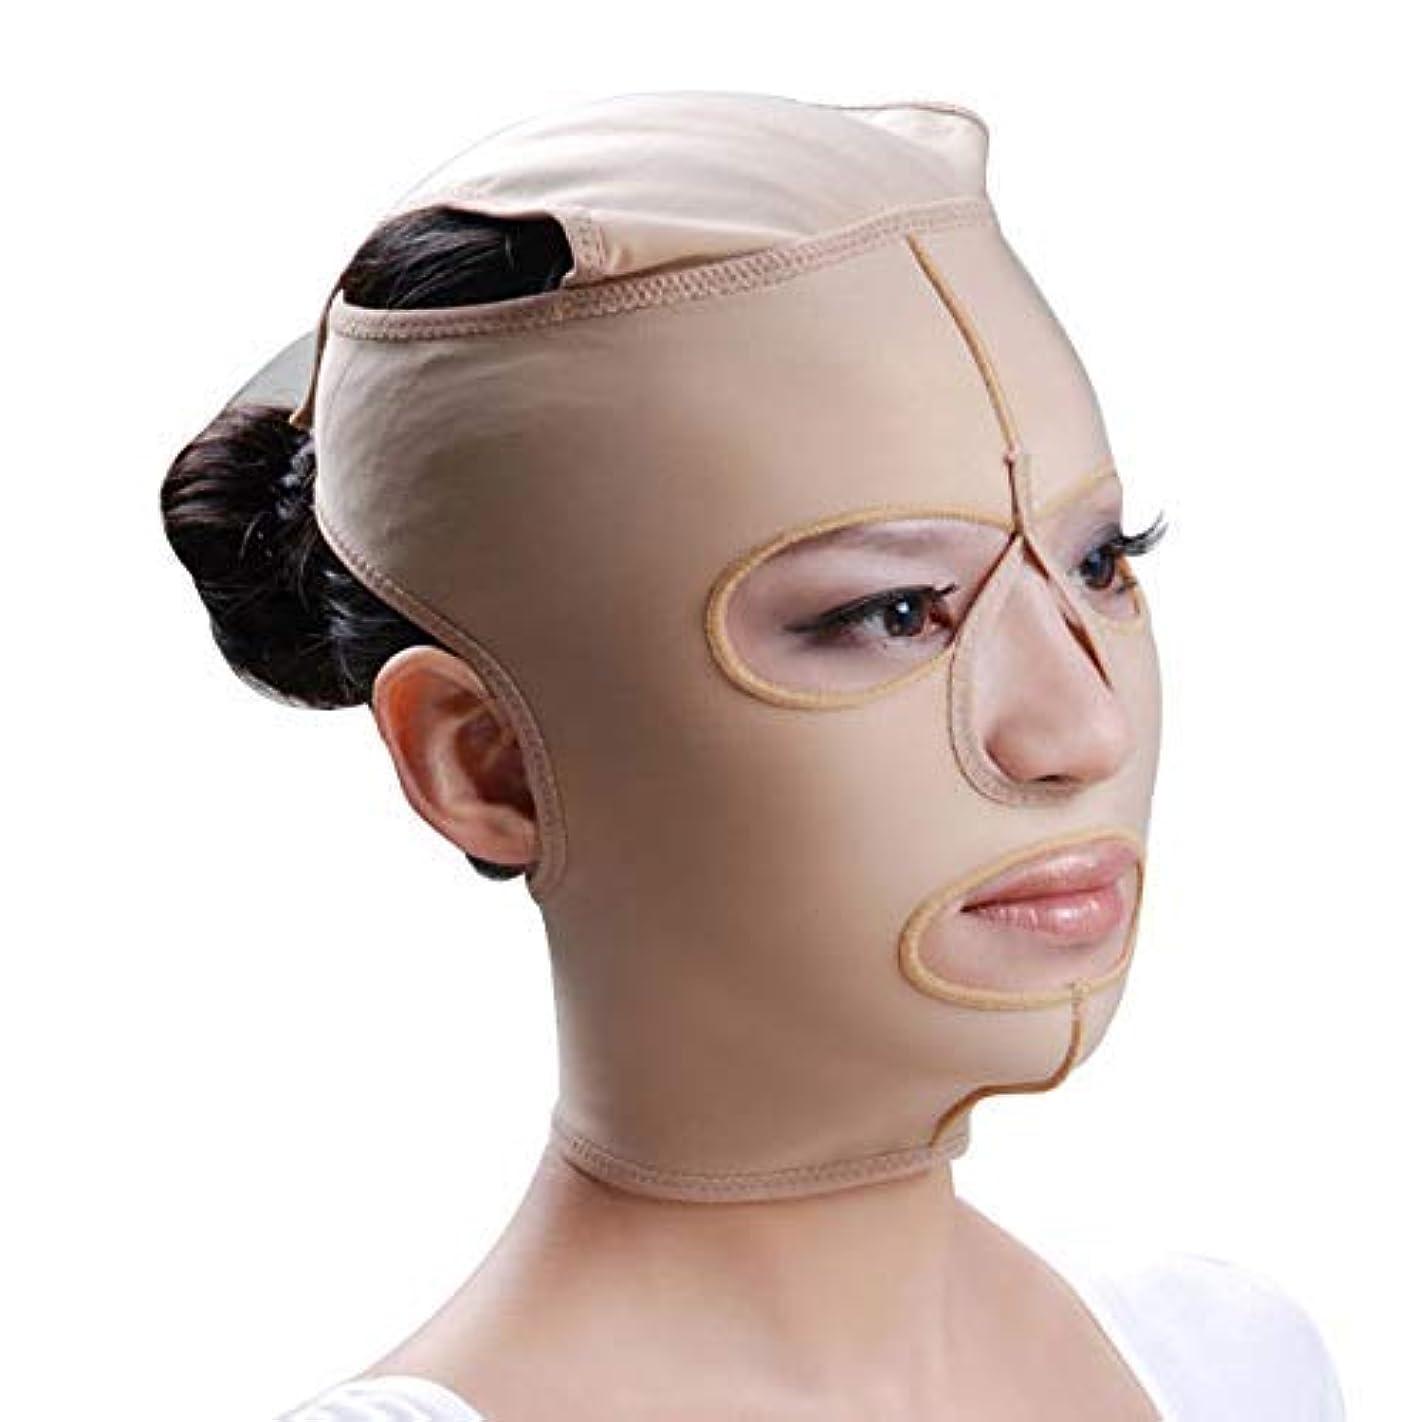 ボウリング賃金名誉あるファーミングフェイスマスク、フェイシャルマスクエラスティックフェイスリフティングリフティングファーミングパターンマイクロフィニッシングポストモデリングコンプレッションフェイスマスク(サイズ:S),L